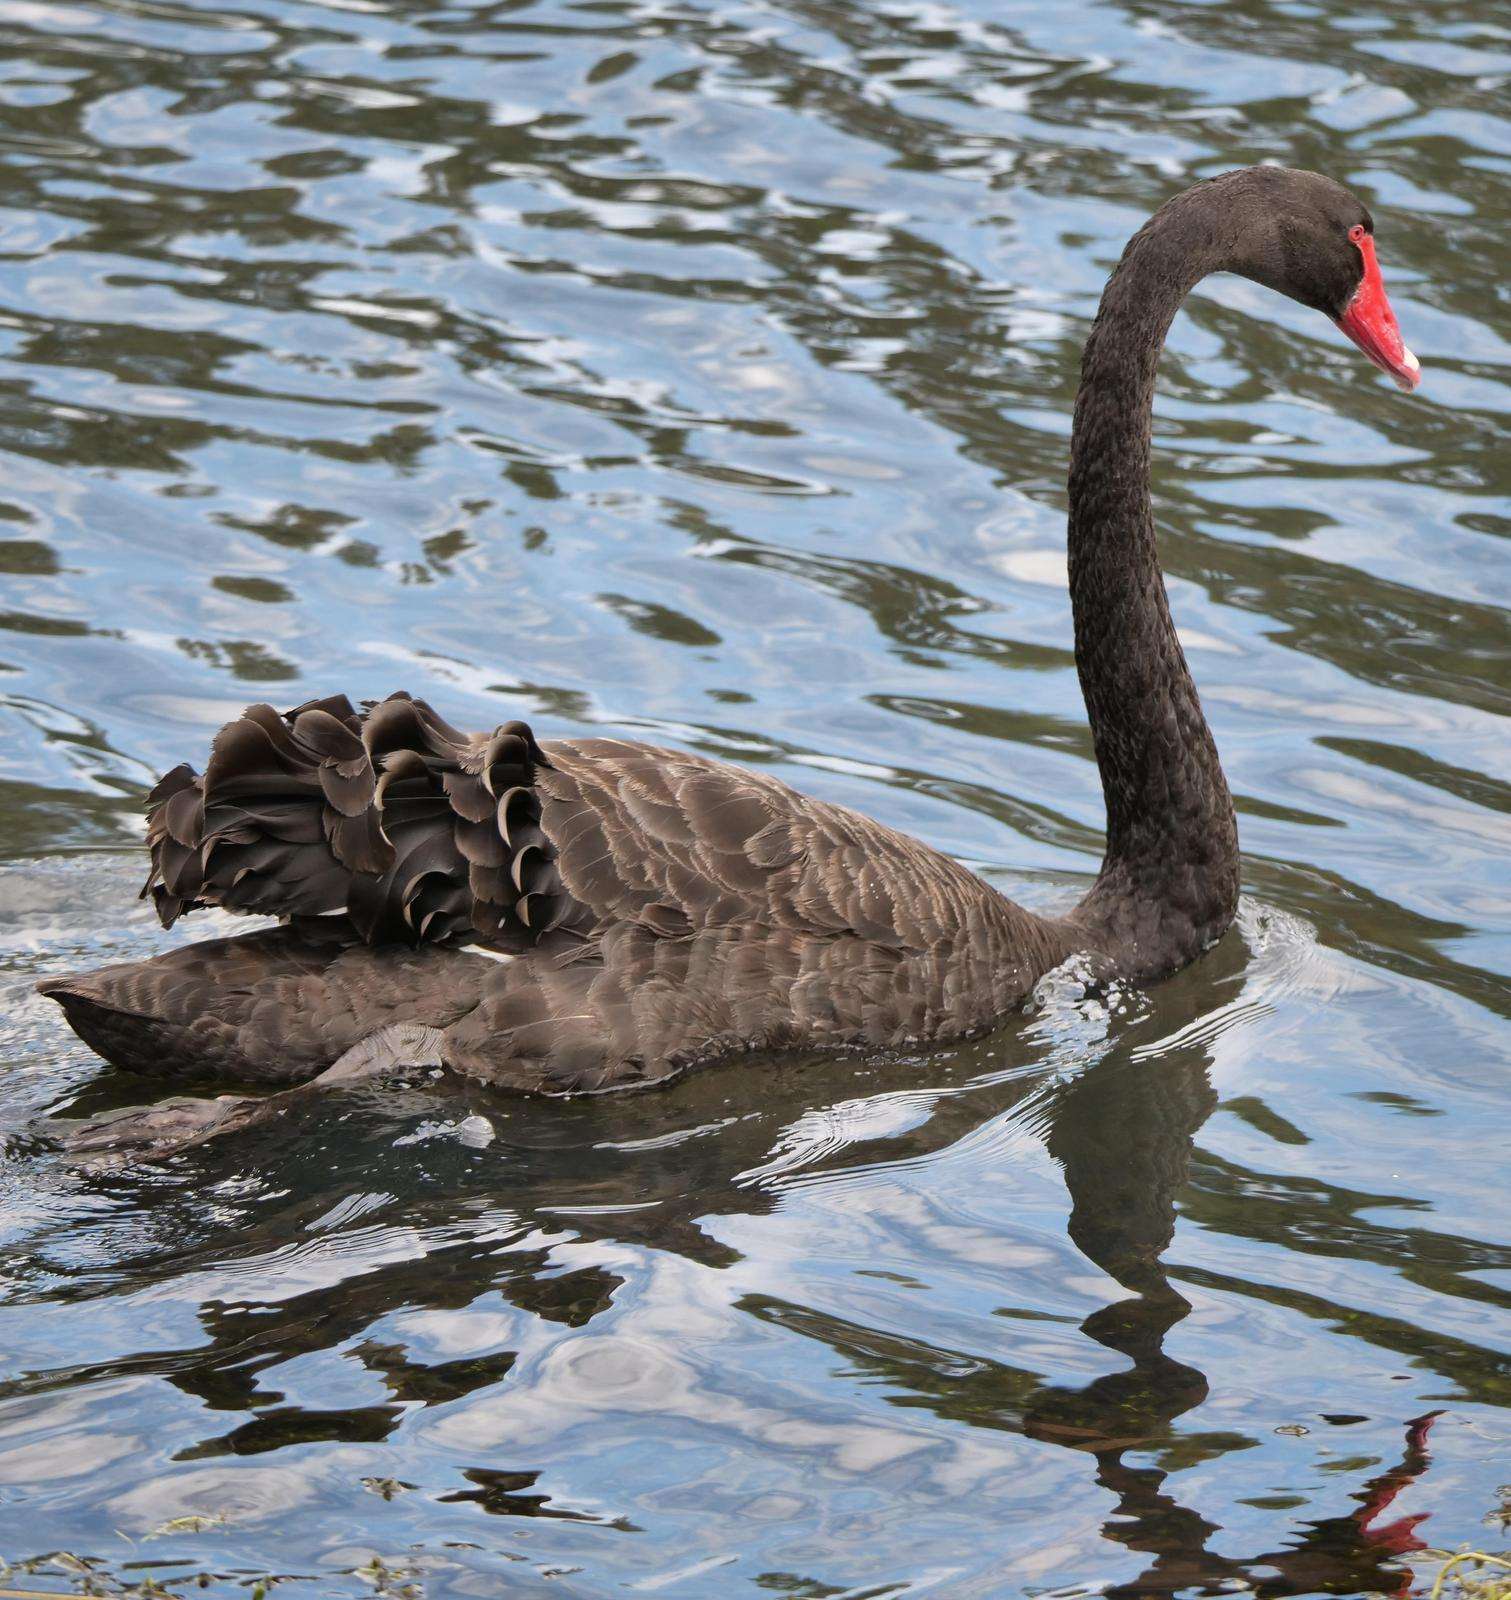 Black Swan Photo by Peter Lowe